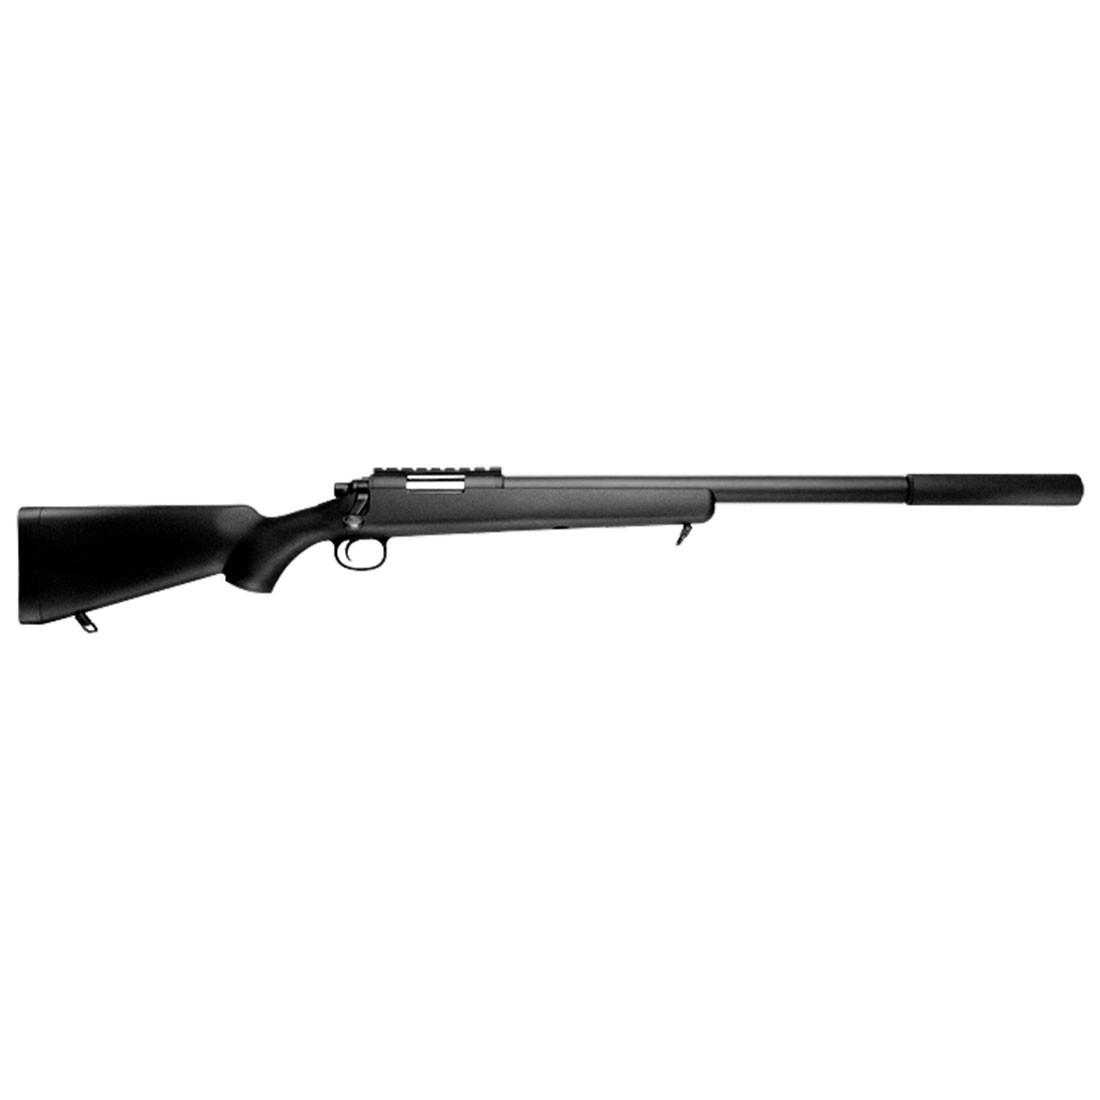 Tokyo Marui VSR-10 G Spec Spring Sniper Rifle